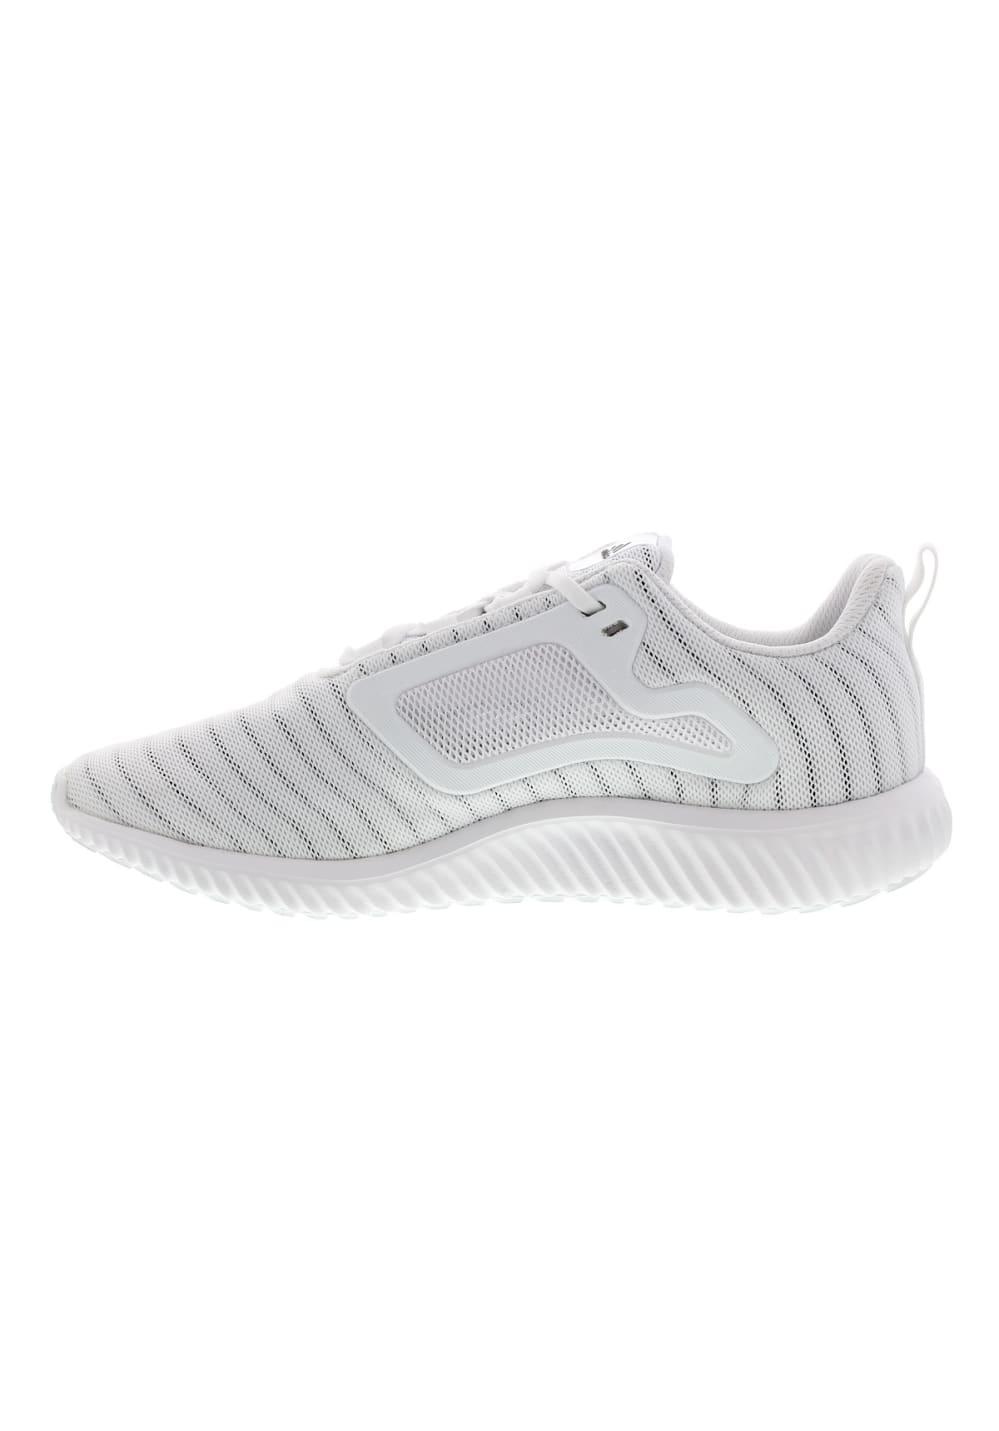 Für Damen Climacool Laufschuhe Grau Cw Adidas oQdxthrBsC